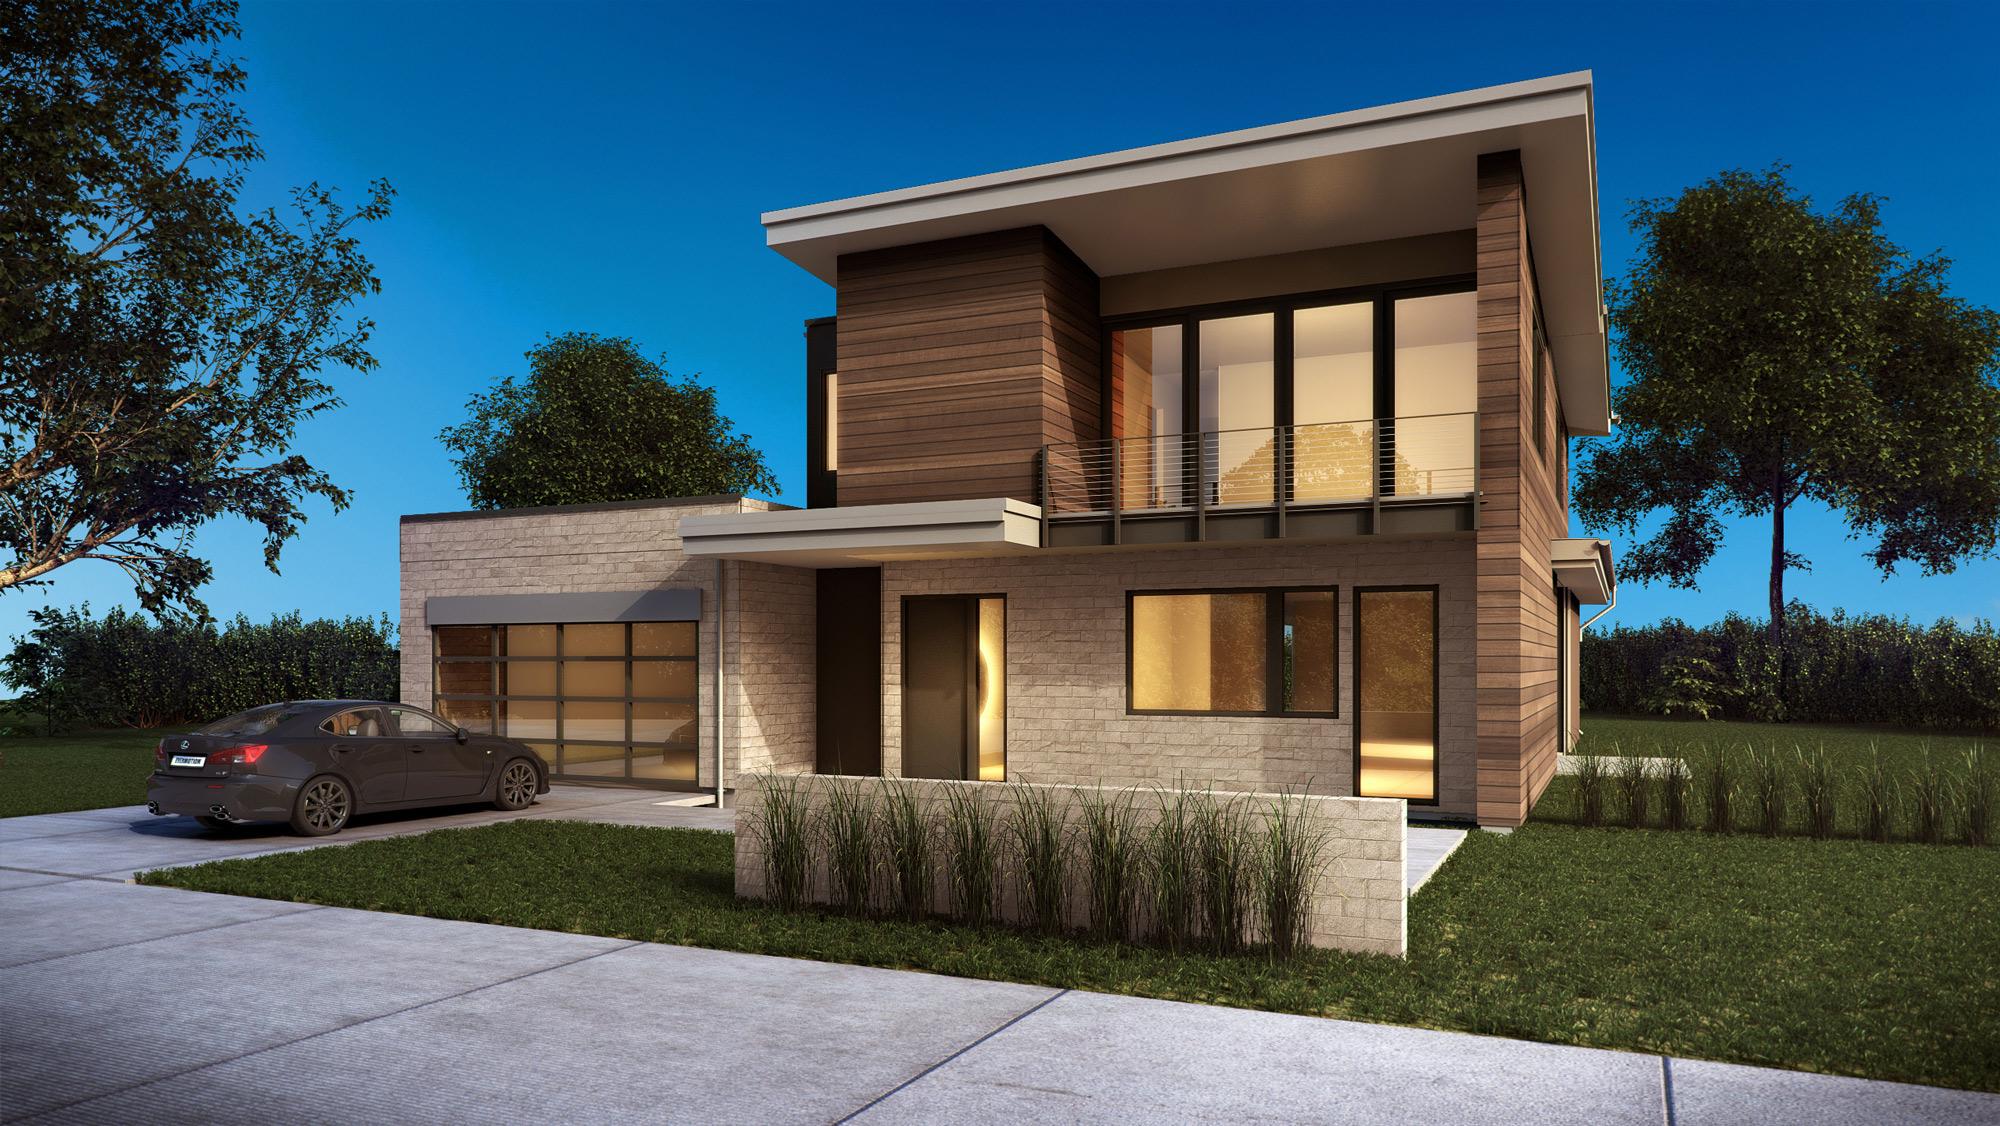 Best Kitchen Gallery: Exterior Renderings By American Render Top Quality 3d Renderings of Luxury Home Renderings on rachelxblog.com